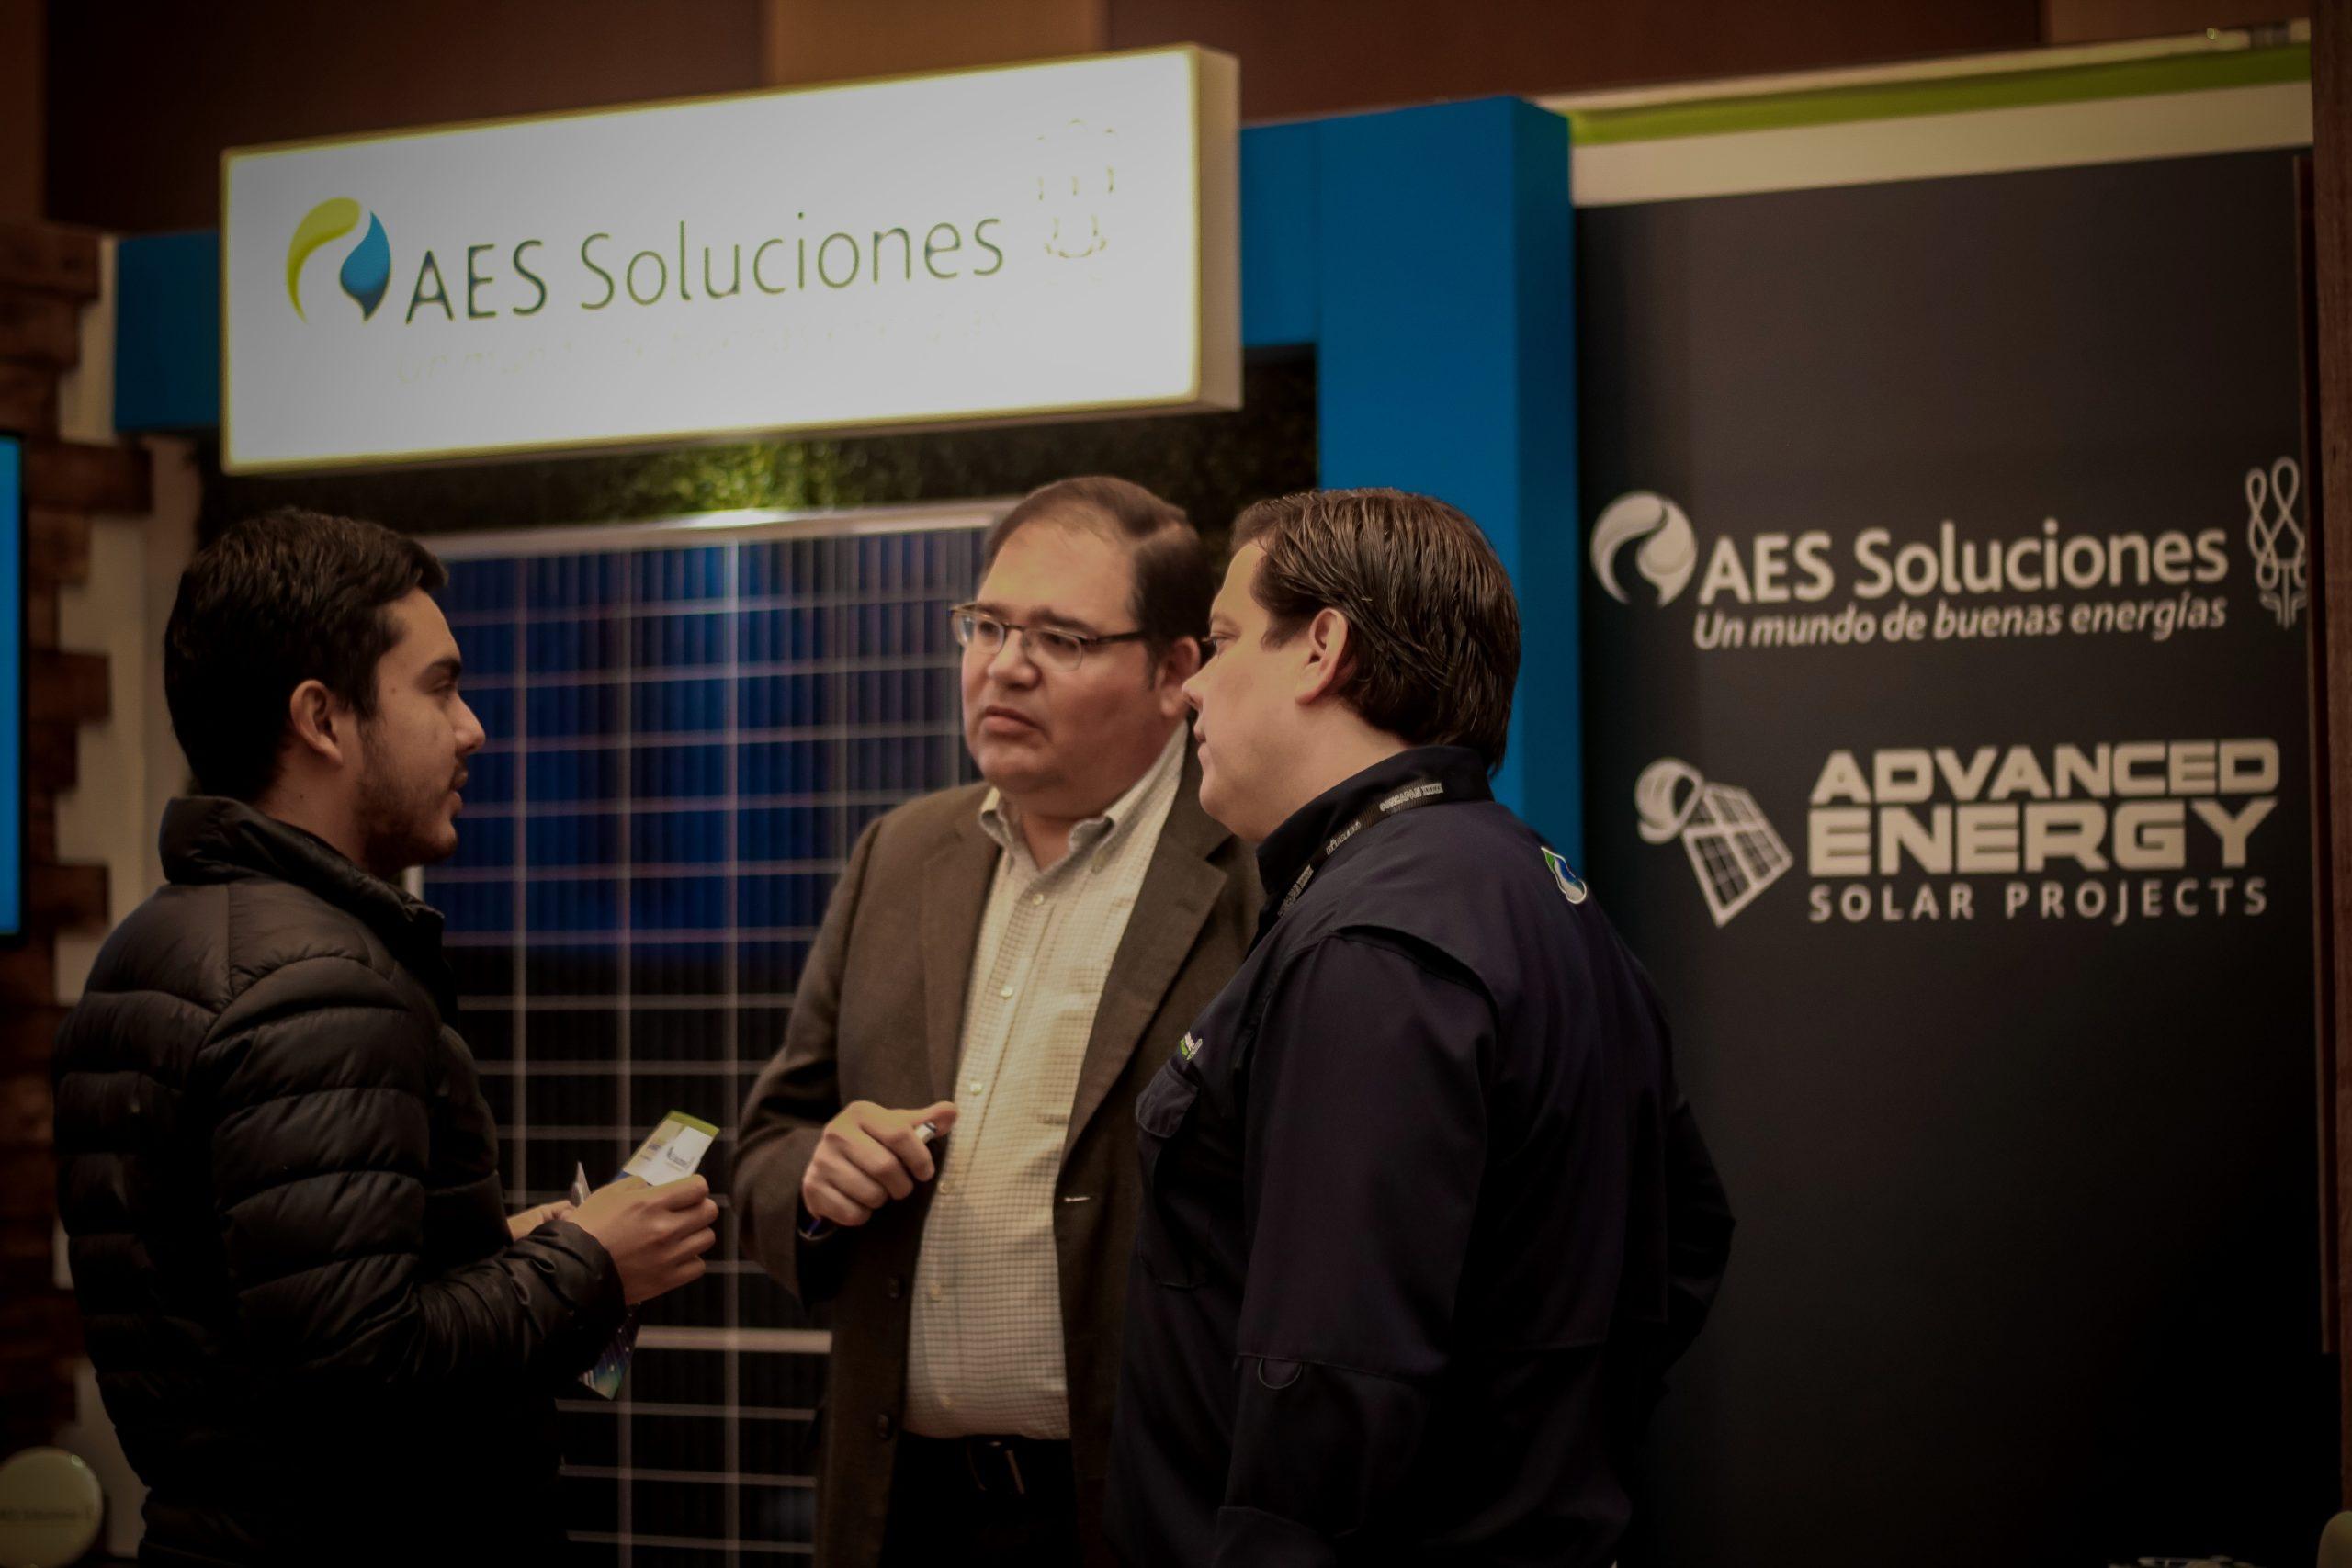 AES Soluciones expande sus servicios energéticos sostenibles a Centroamérica